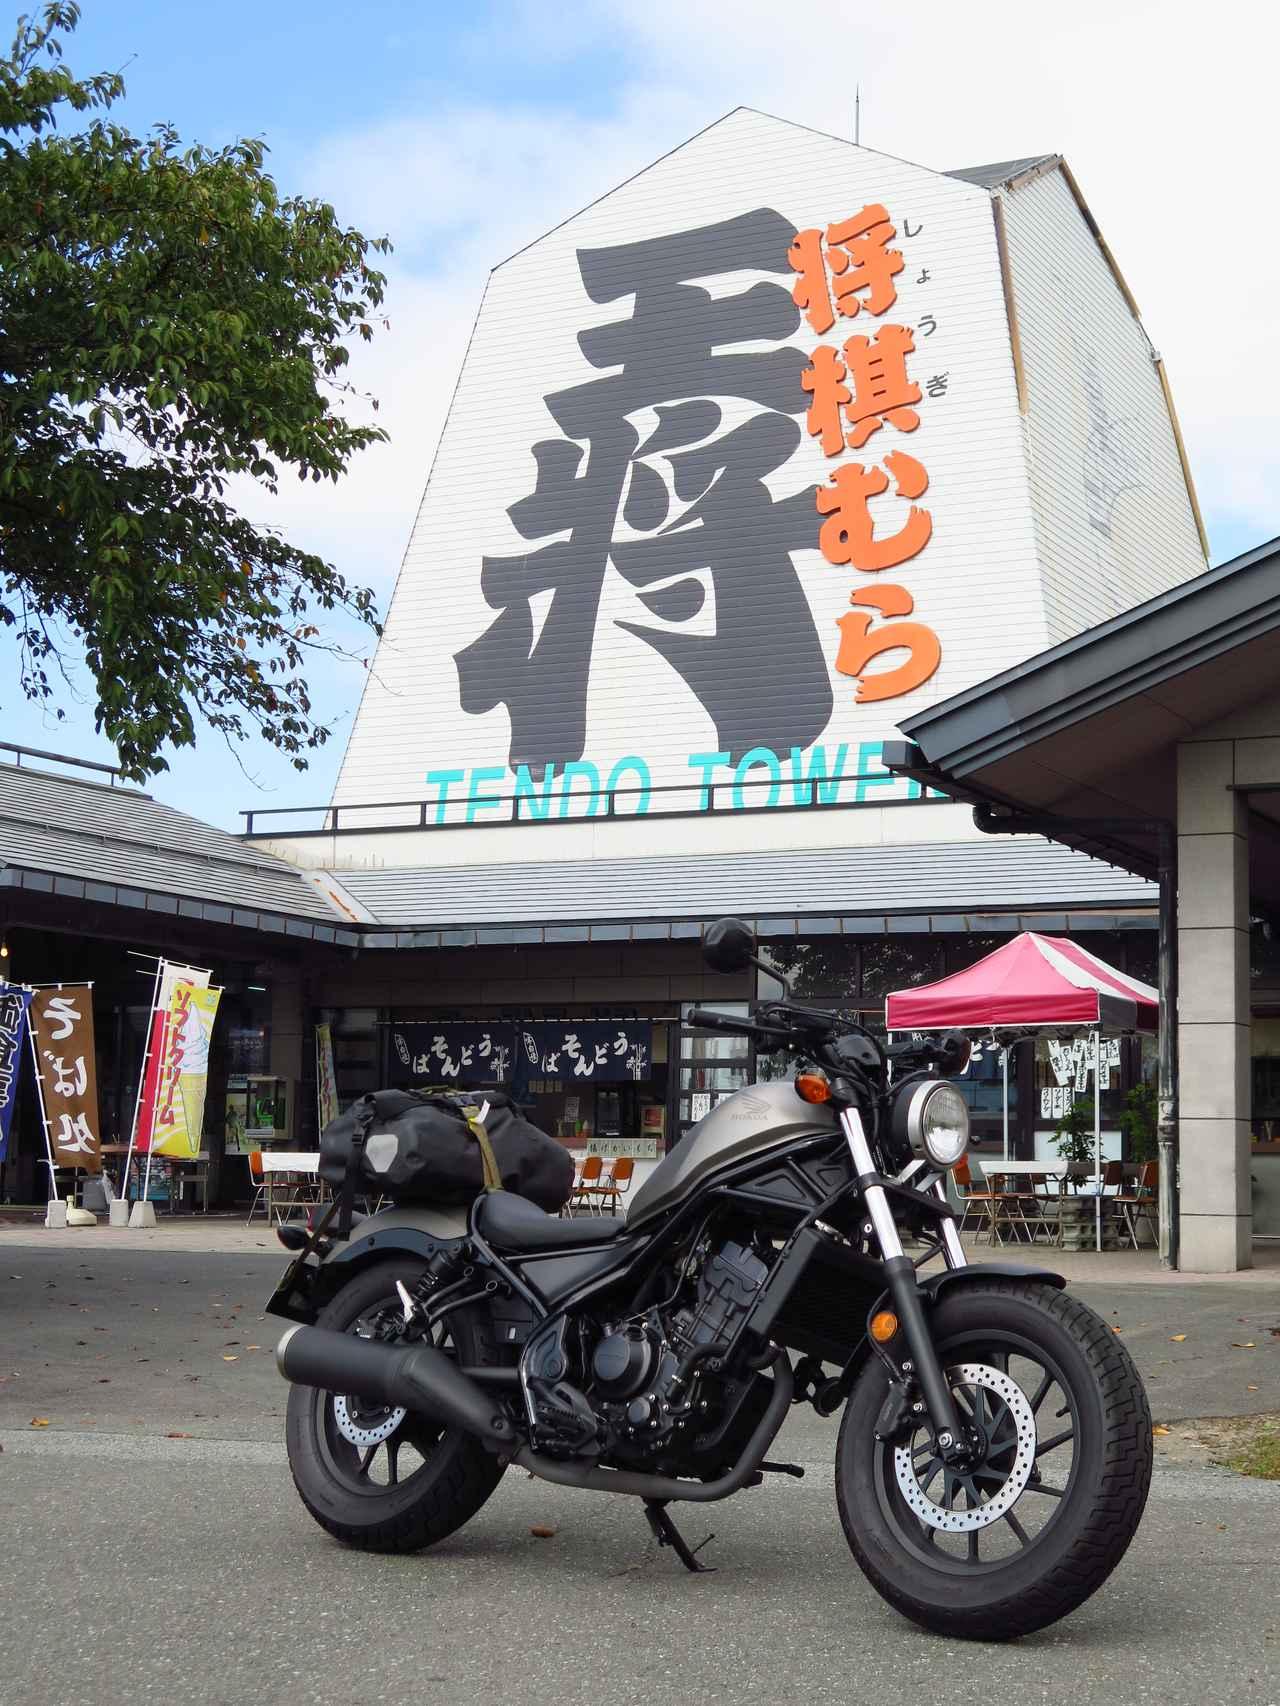 画像2: ホンダ「レブル250」高速道路ツーリング・インプレ! 東京~山形 往復800km走って感じたことをレビュー、燃費も測りました!